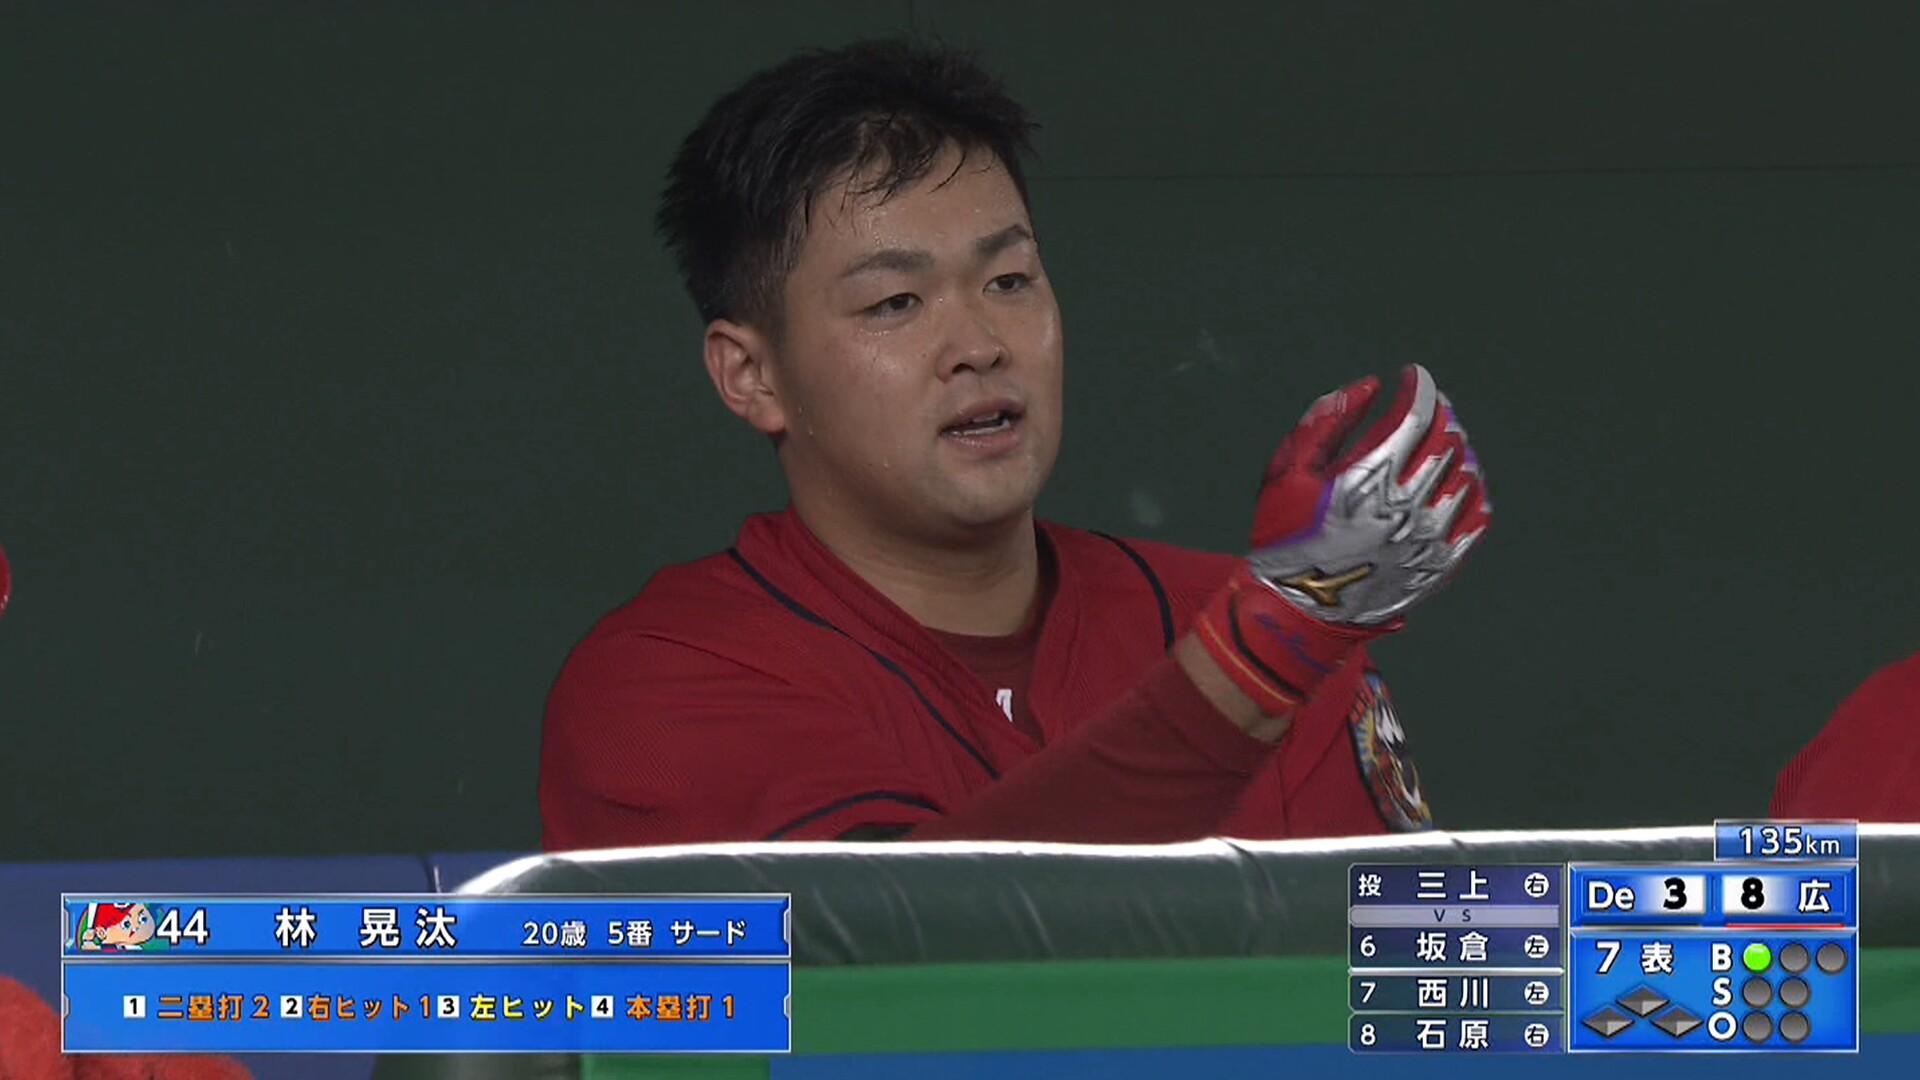 広島・林(20)がやべぇ!!! 4安打4打点1本塁打に守備でも好プレー連発wwwwww